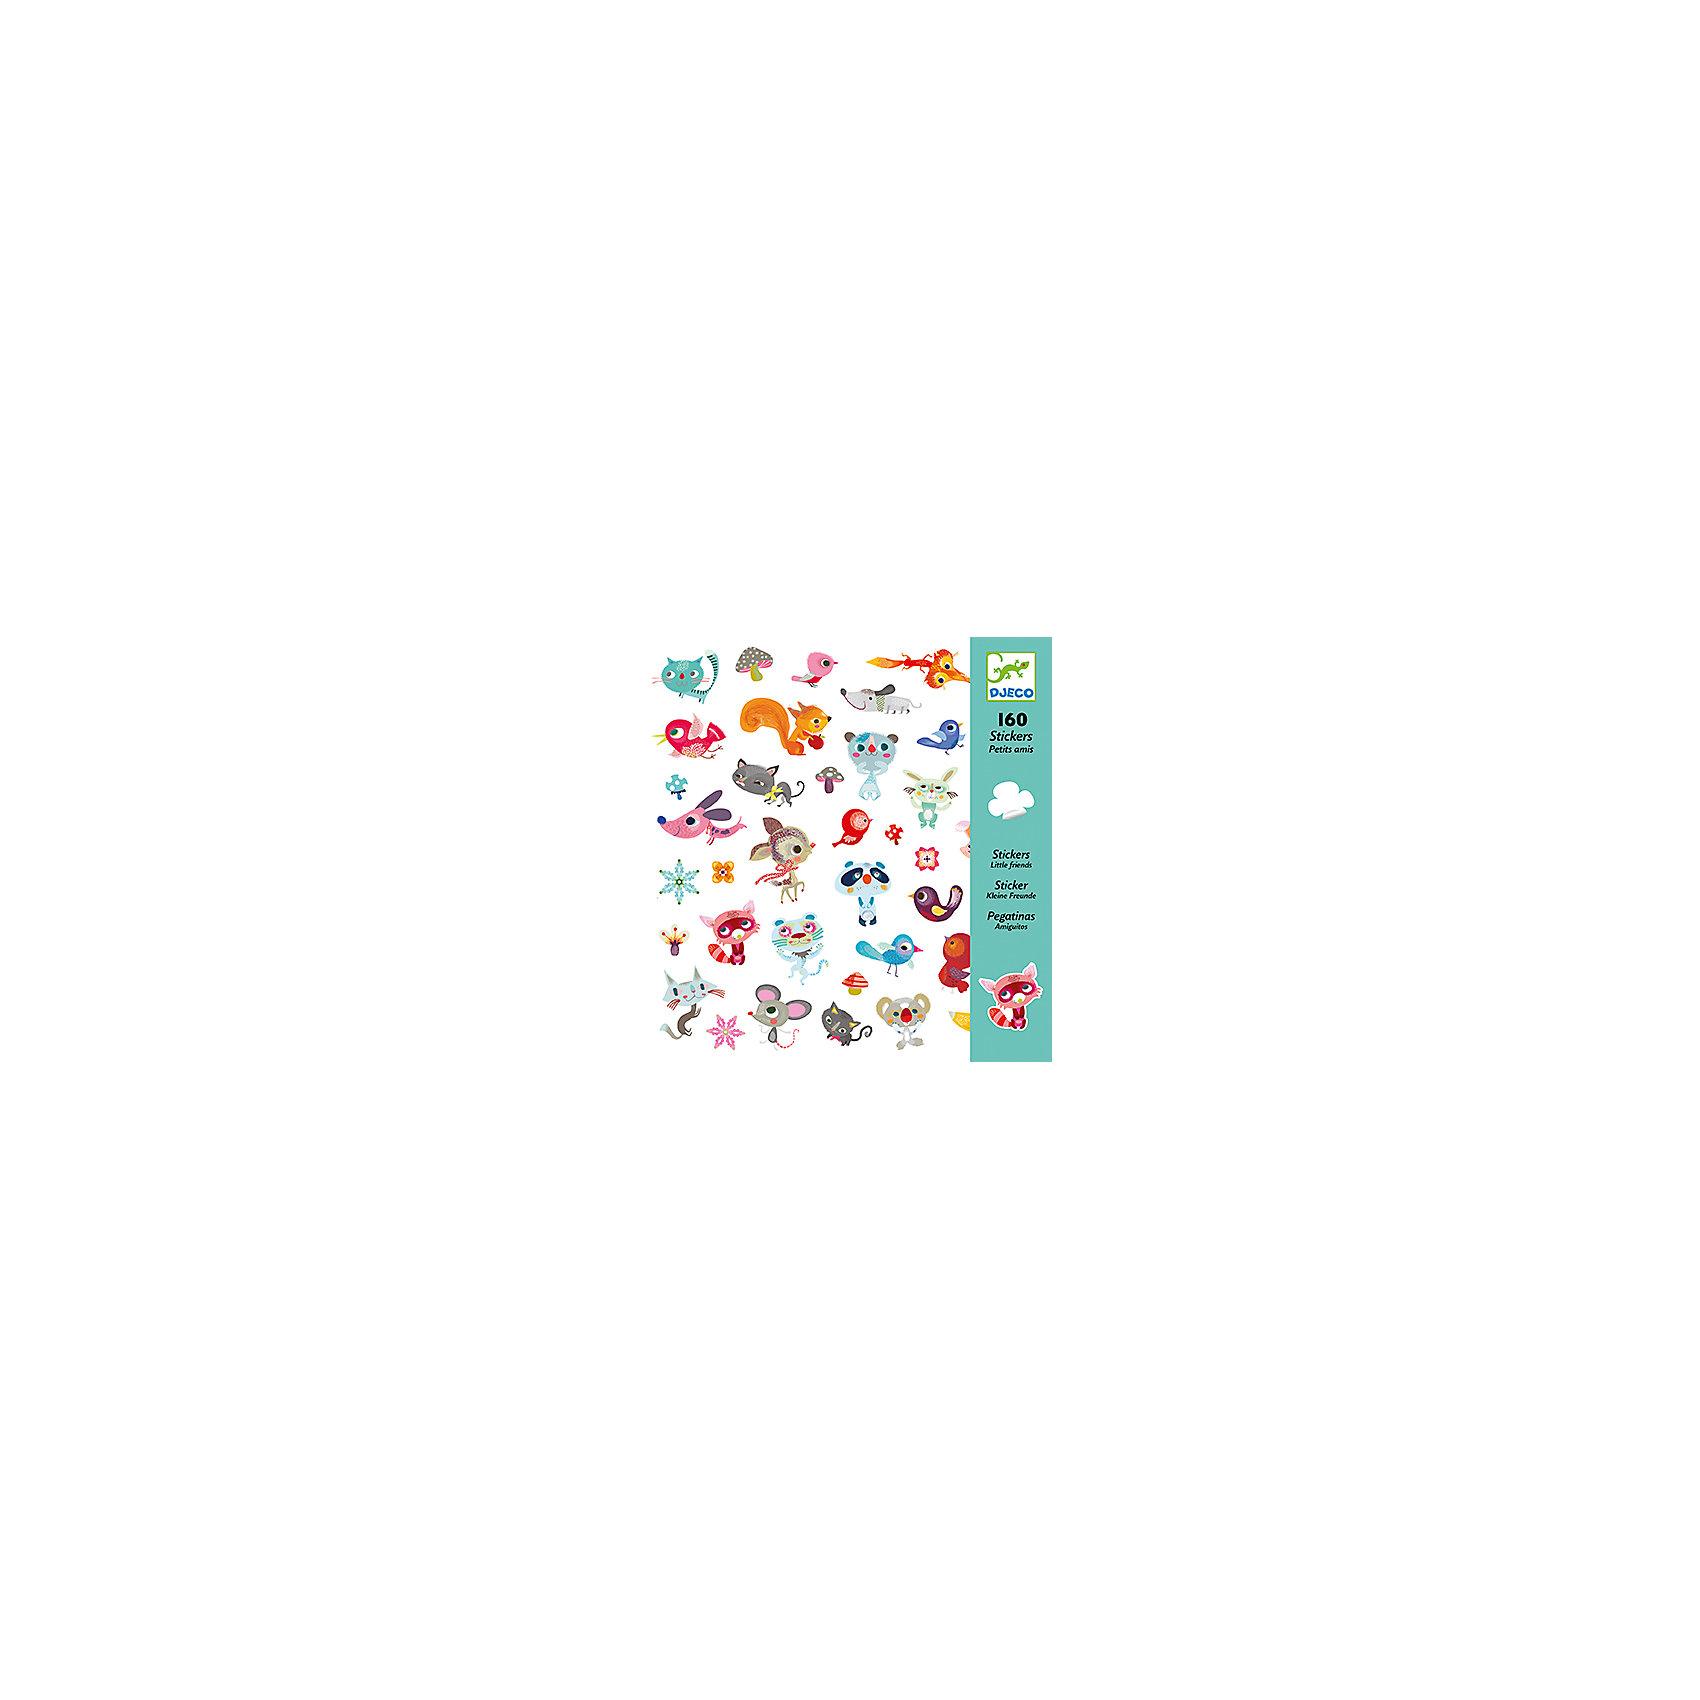 Наклейки Маленькие друзьяНаклейки Маленькие друзья  – это комплект замечательных ярких наклеек с веселыми зверушками.<br>Удивительный набор наклеек Маленькие друзья от французского бренда Djeco (Джеко) украсит любые поверхности детской комнаты. Можно оформить красивую открытку или аппликацию и подарить ее бабушке или друзьям. Изображения созданы современными французскими художниками. Каждая наклейка в этом наборе уникальна и необычна. Вашему малышу будет интересно рассматривать милые и веселые рожицы добродушного песика, хитрющего кота, весельчака медведя, придумывать имена, истории про каждого персонажа. Наклейки сделаны на виниловой основе, их можно переклеивать, они прекрасно клеятся к любой поверхности, легко снимаются и не оставляют следов. Процесс декорирования наклейками различных поверхностей окажет влияние на развитии фантазии и творческих способностей ребенка. Набор в яркой красочной упаковке прекрасно подойдет для подарка.<br><br>Дополнительная информация:<br><br>- В наборе: 160 наклеек (80 пар наклеек)<br>- 4 листа наклеек 20х20 см, на каждом по 40 наклеек<br>- Размер упаковки: 23 х 22 х 1 см.<br>- Вес: 80 гр.<br><br>Наклейки Маленькие друзья можно купить в нашем интернет-магазине.<br><br>Ширина мм: 230<br>Глубина мм: 220<br>Высота мм: 10<br>Вес г: 80<br>Возраст от месяцев: 36<br>Возраст до месяцев: 72<br>Пол: Унисекс<br>Возраст: Детский<br>SKU: 4305785